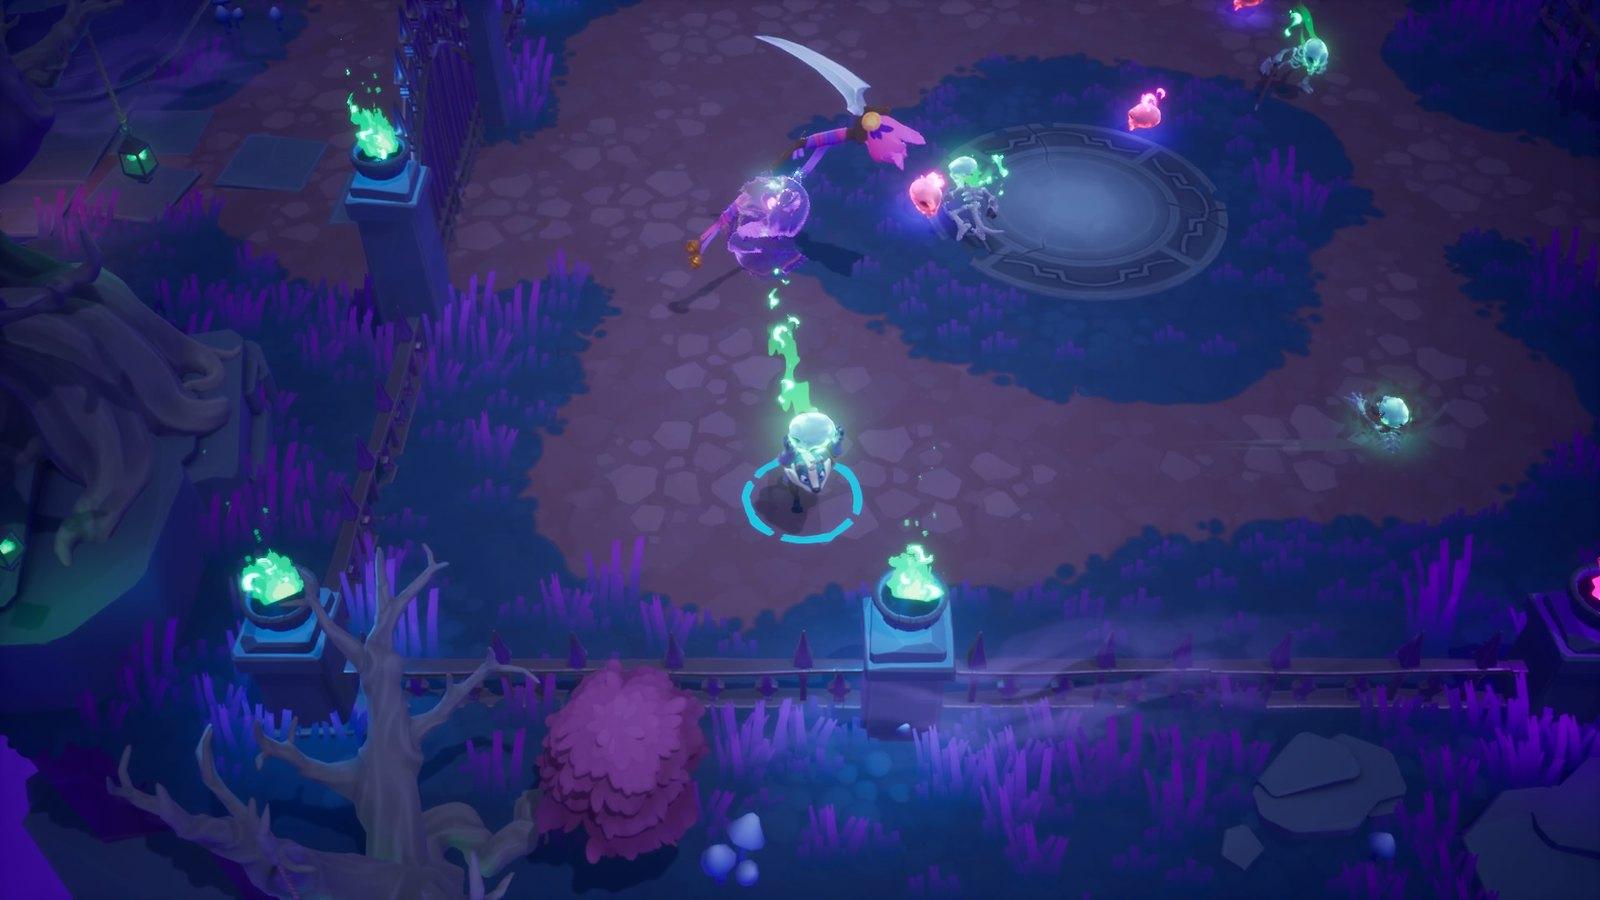 48752027347 56c209e60d h - Fette Bosse und bizarre Minispiele erwarten euch im kompetitiven Dungeon-Crawler ReadySet Heroes